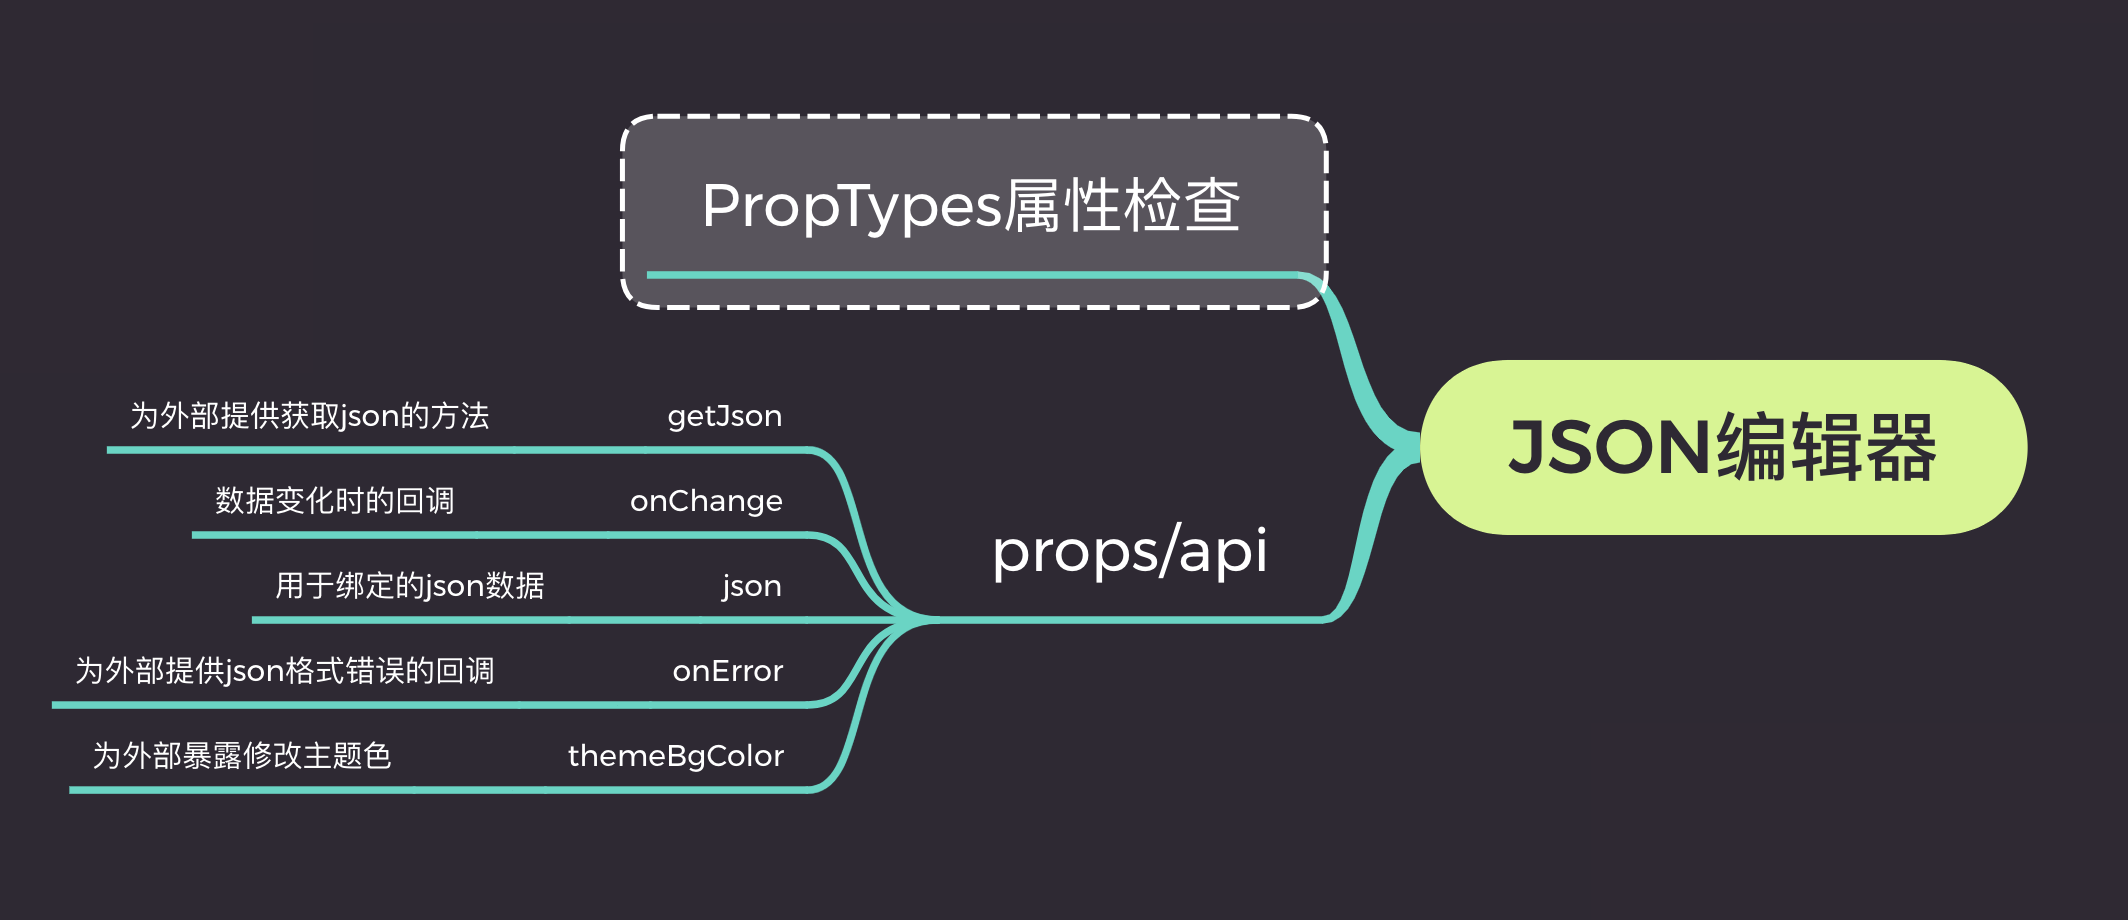 基于jsoneditor二次封装一个可实时预览的json编辑器组件(react版)